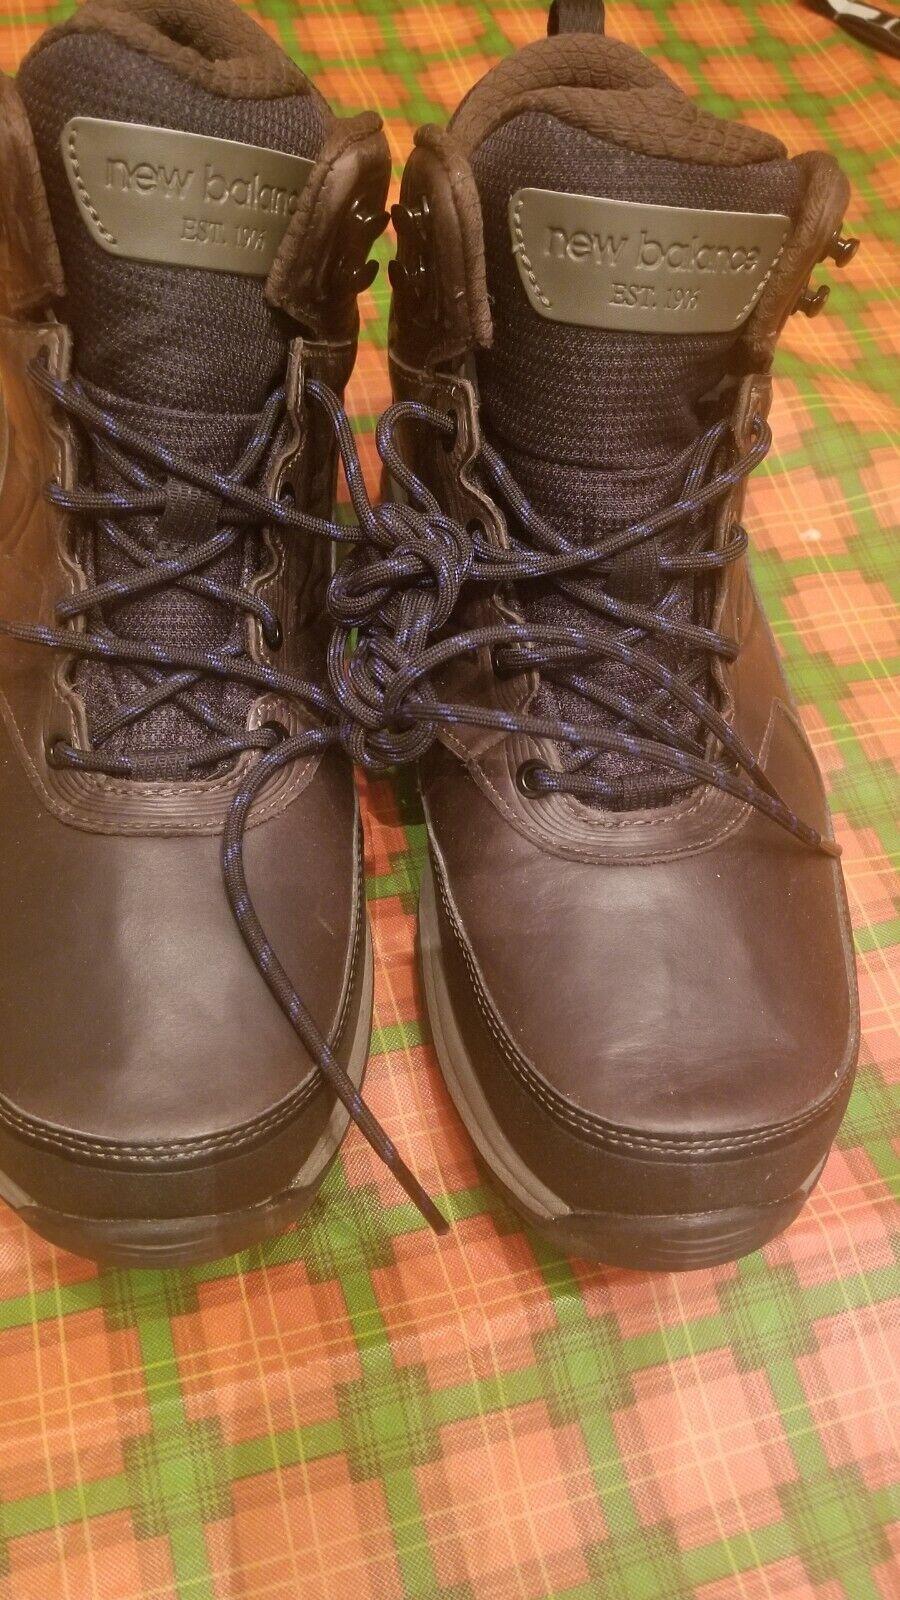 New Balance 1400 Insulated Boots Men 11.5 D